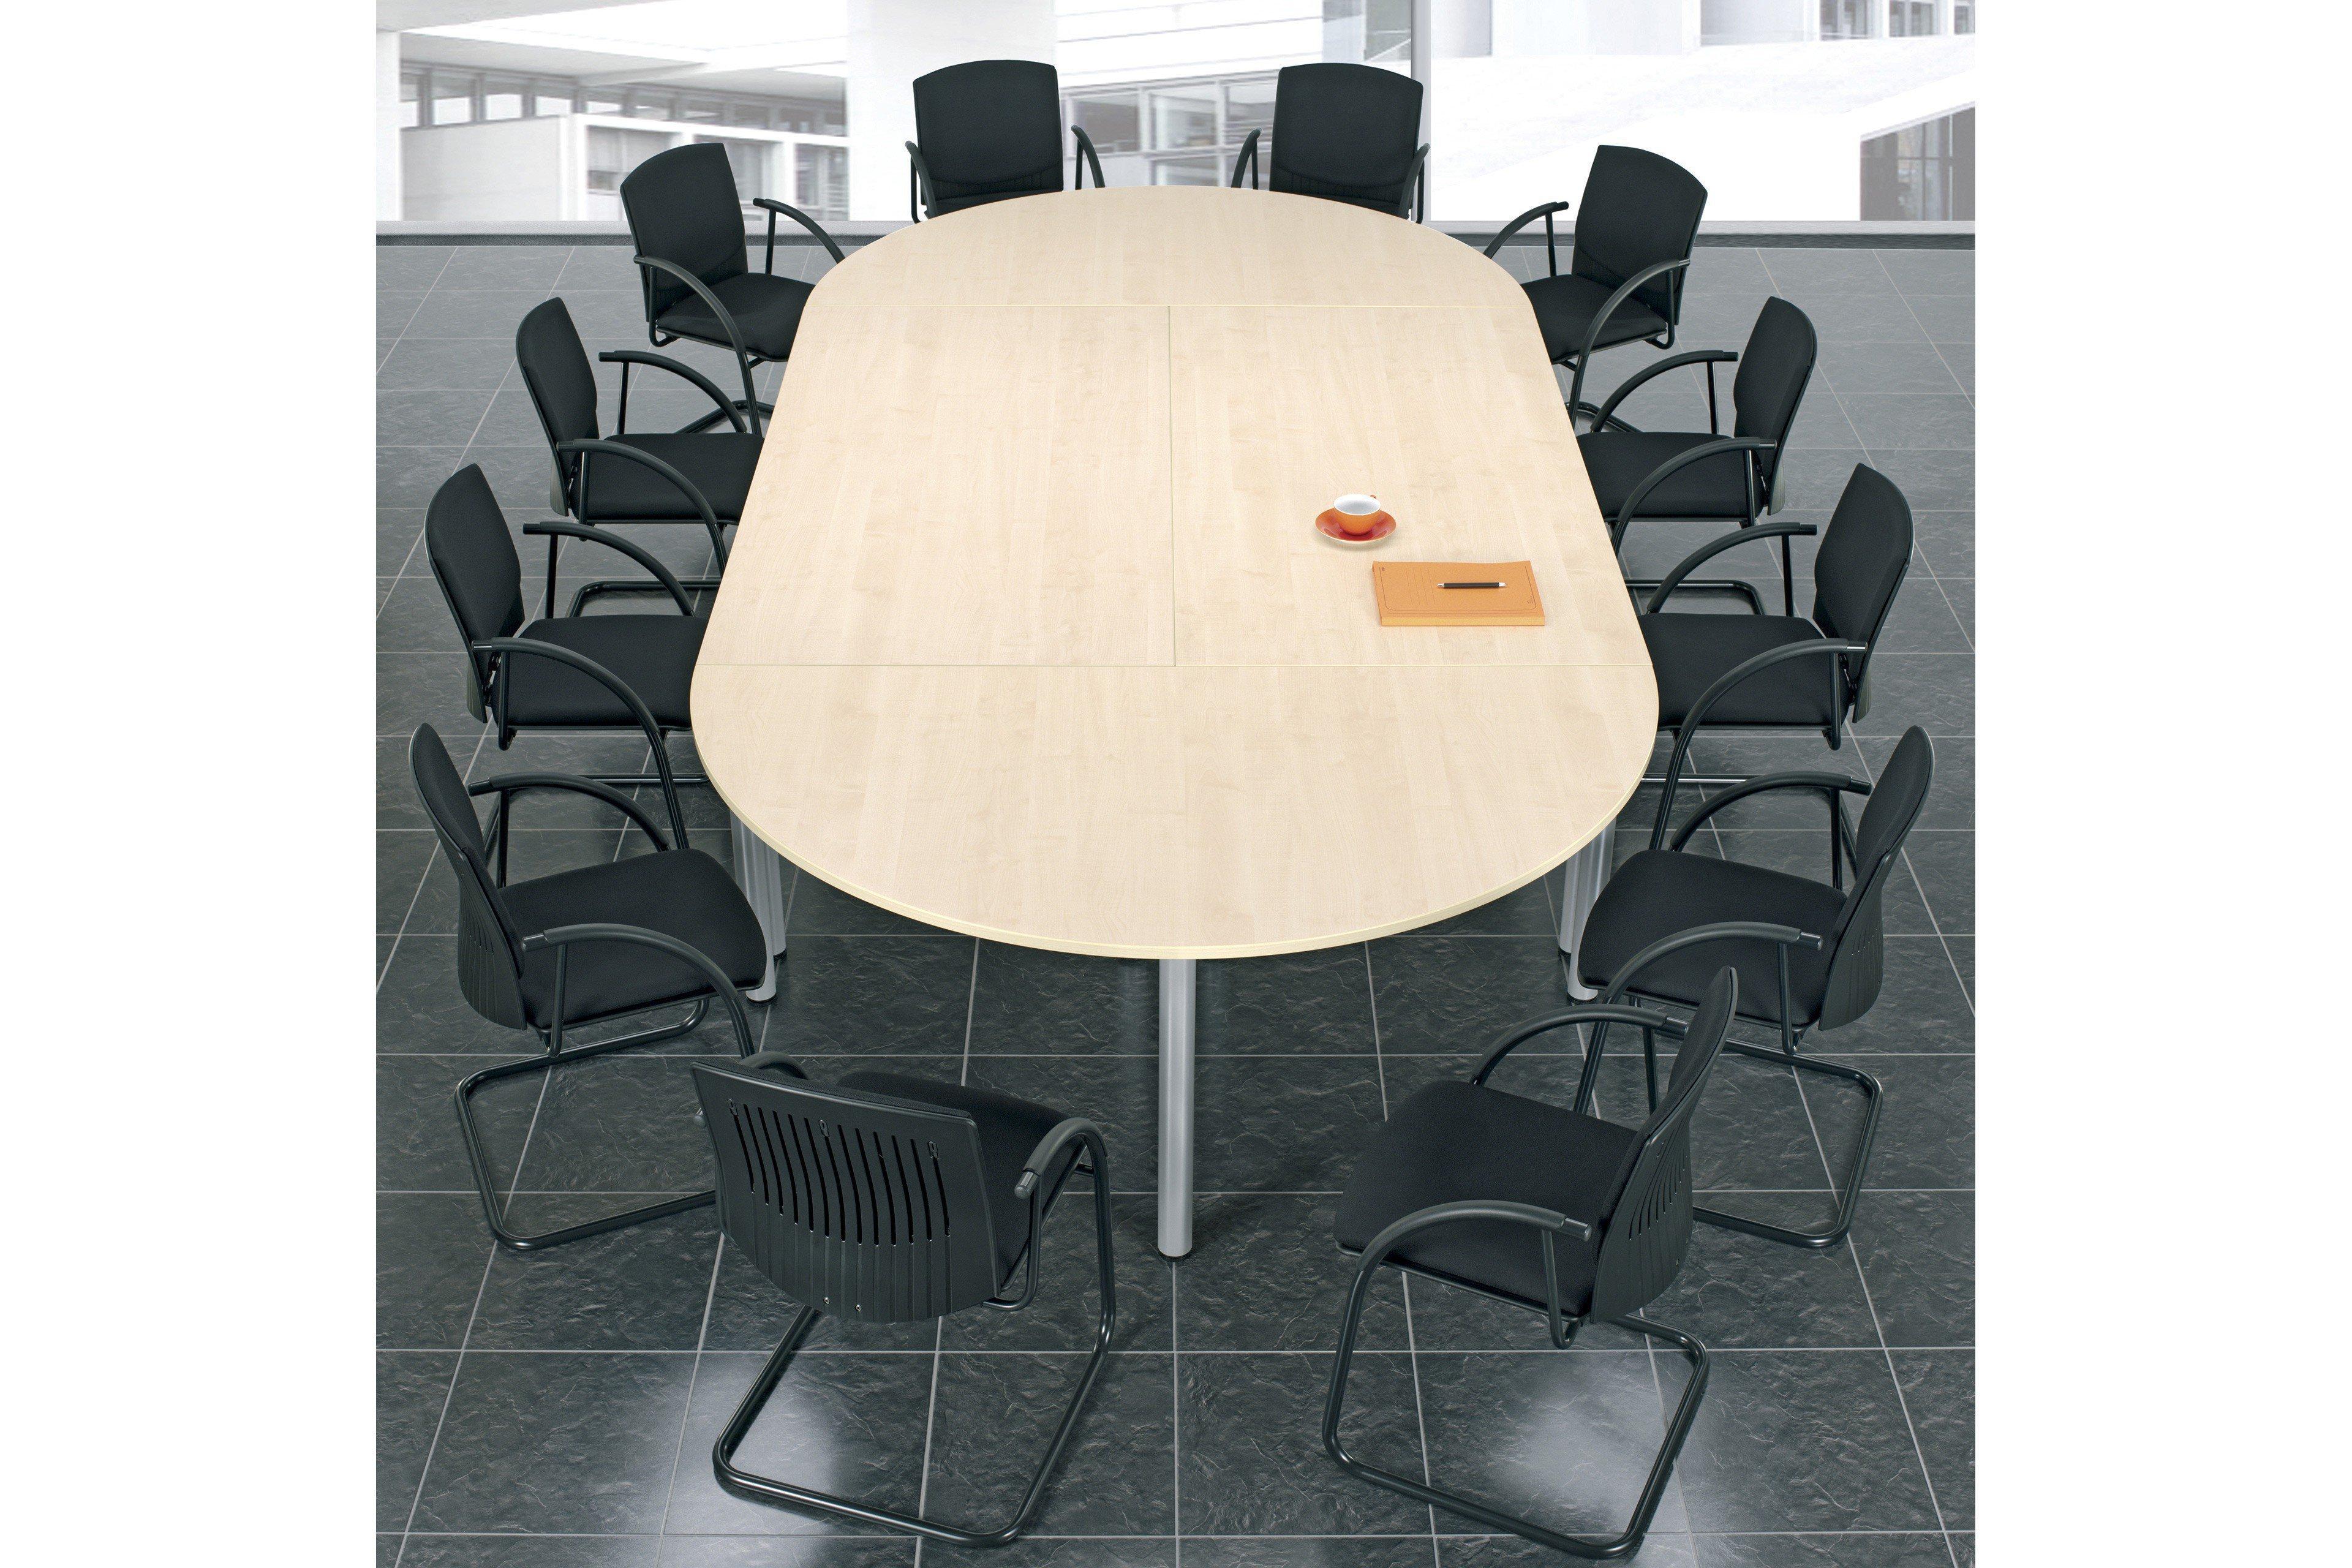 226b90c7930cd9 Konferenztisch von geramöbel - Konferenztisch 12 Personen Ahorn